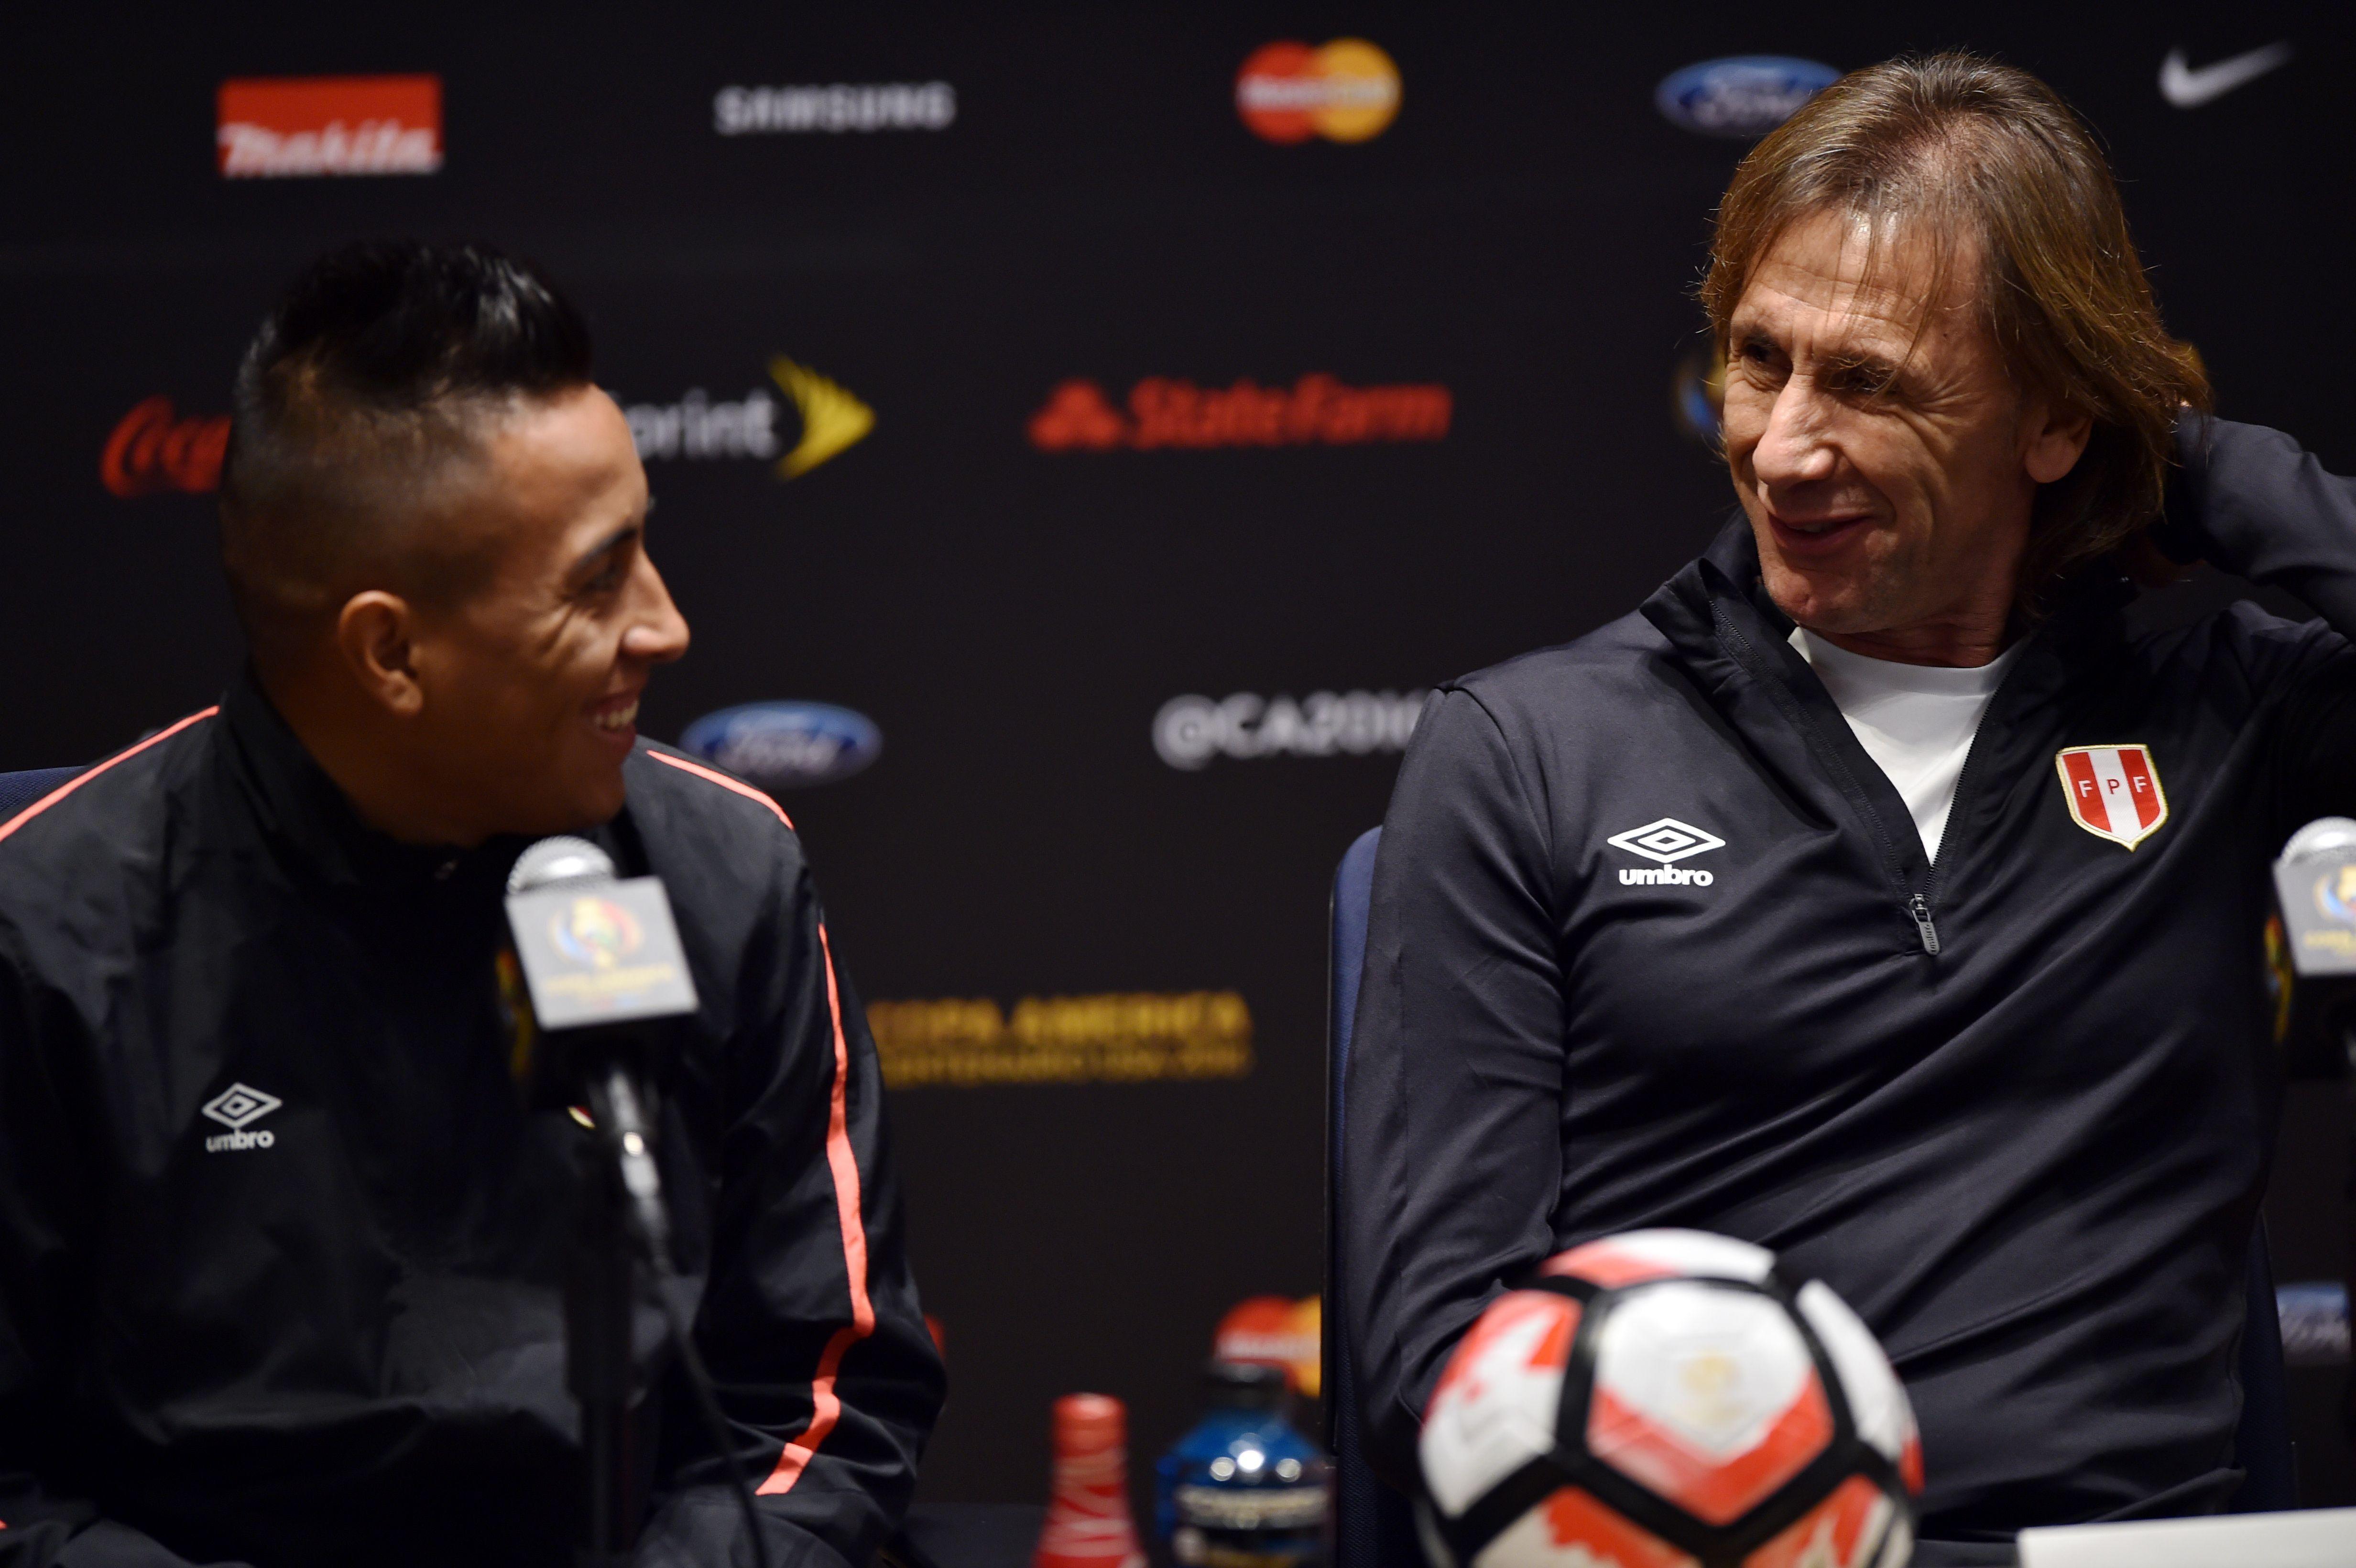 Christian Cueva es el futbolista con más partidos (64) en el proceso de Ricardo Gareca  / AFP / HECTOR RETAMAL